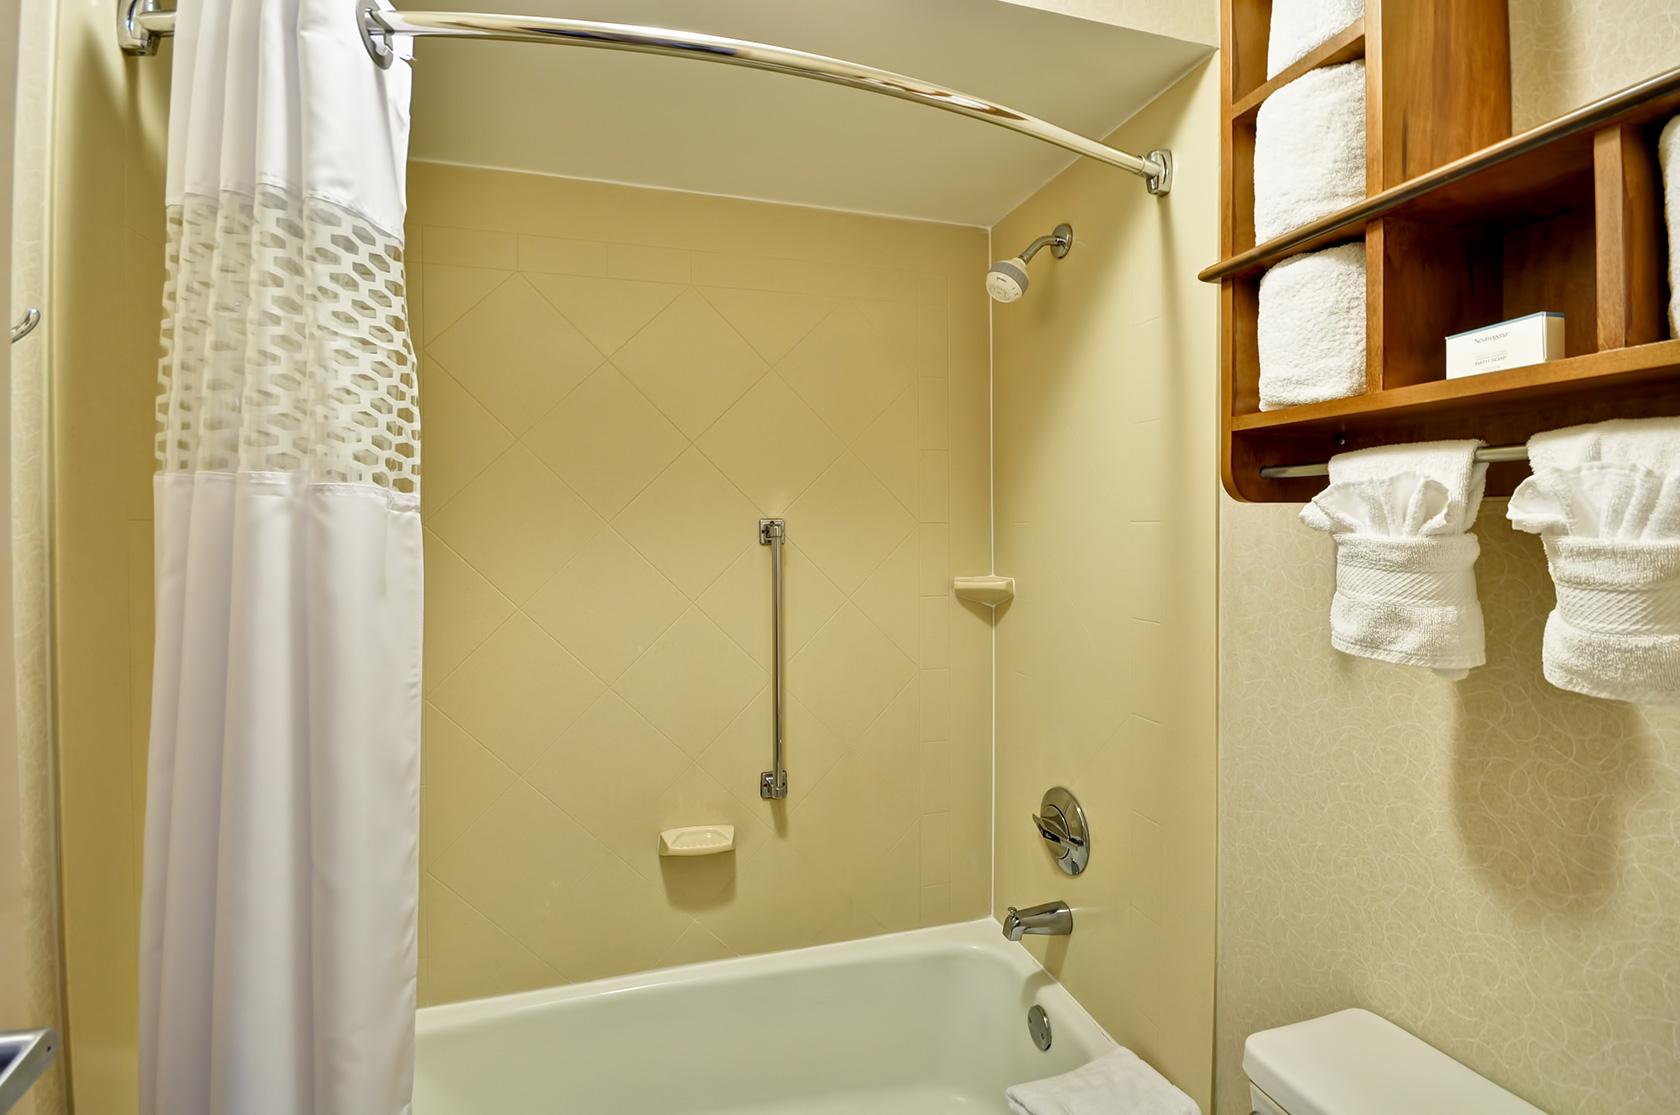 Red Lion Inn & Suites Fayetteville I-95 image 0